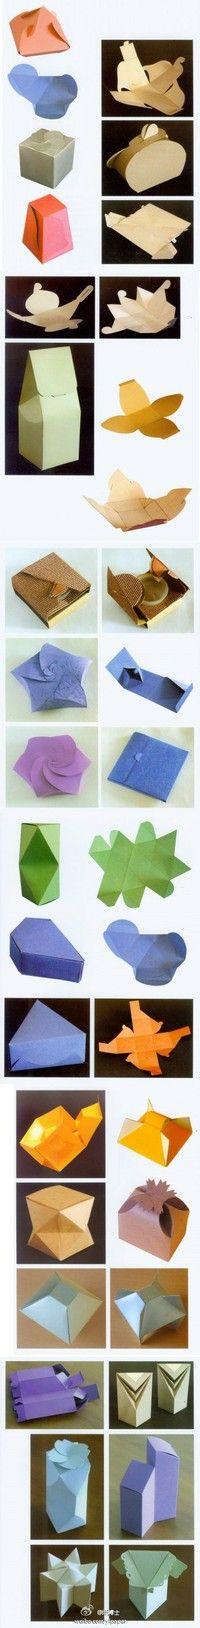 动手达人:简易的包装。。。 学起来~…_来自hexagram的图片分享-堆糖网